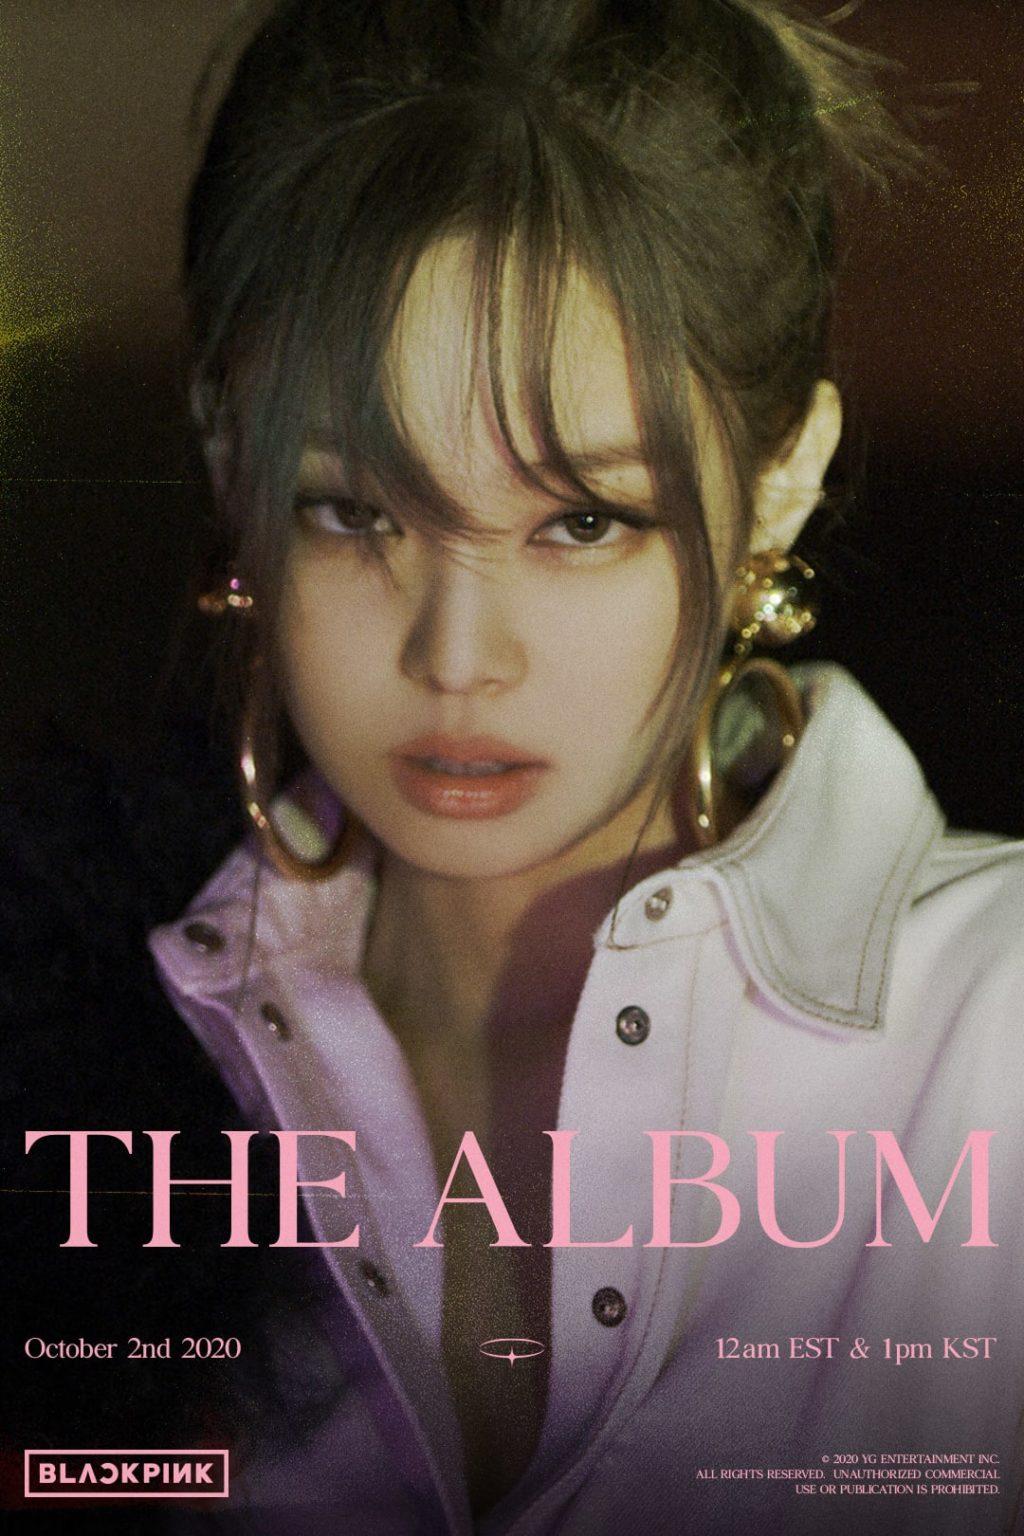 BLACKPINK Back Releases Jennie's Teaser for 'THE ALBUM'